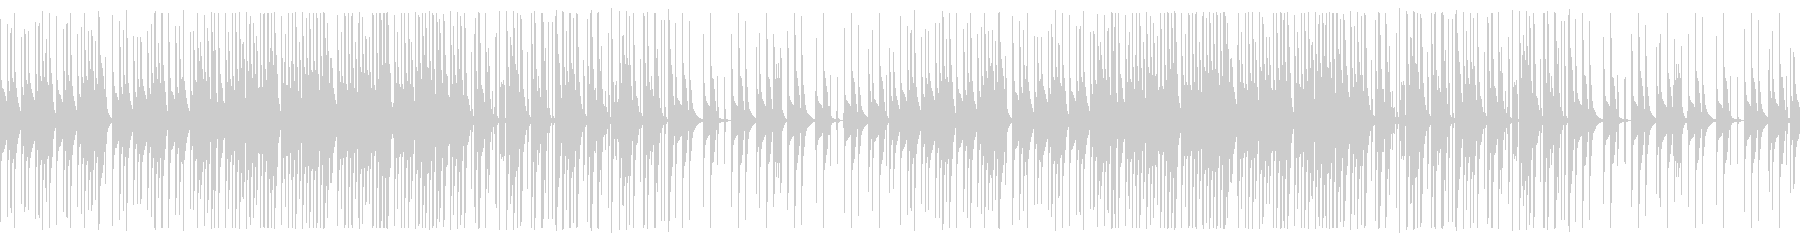 考え中のイメージのループBGMの未再生の波形